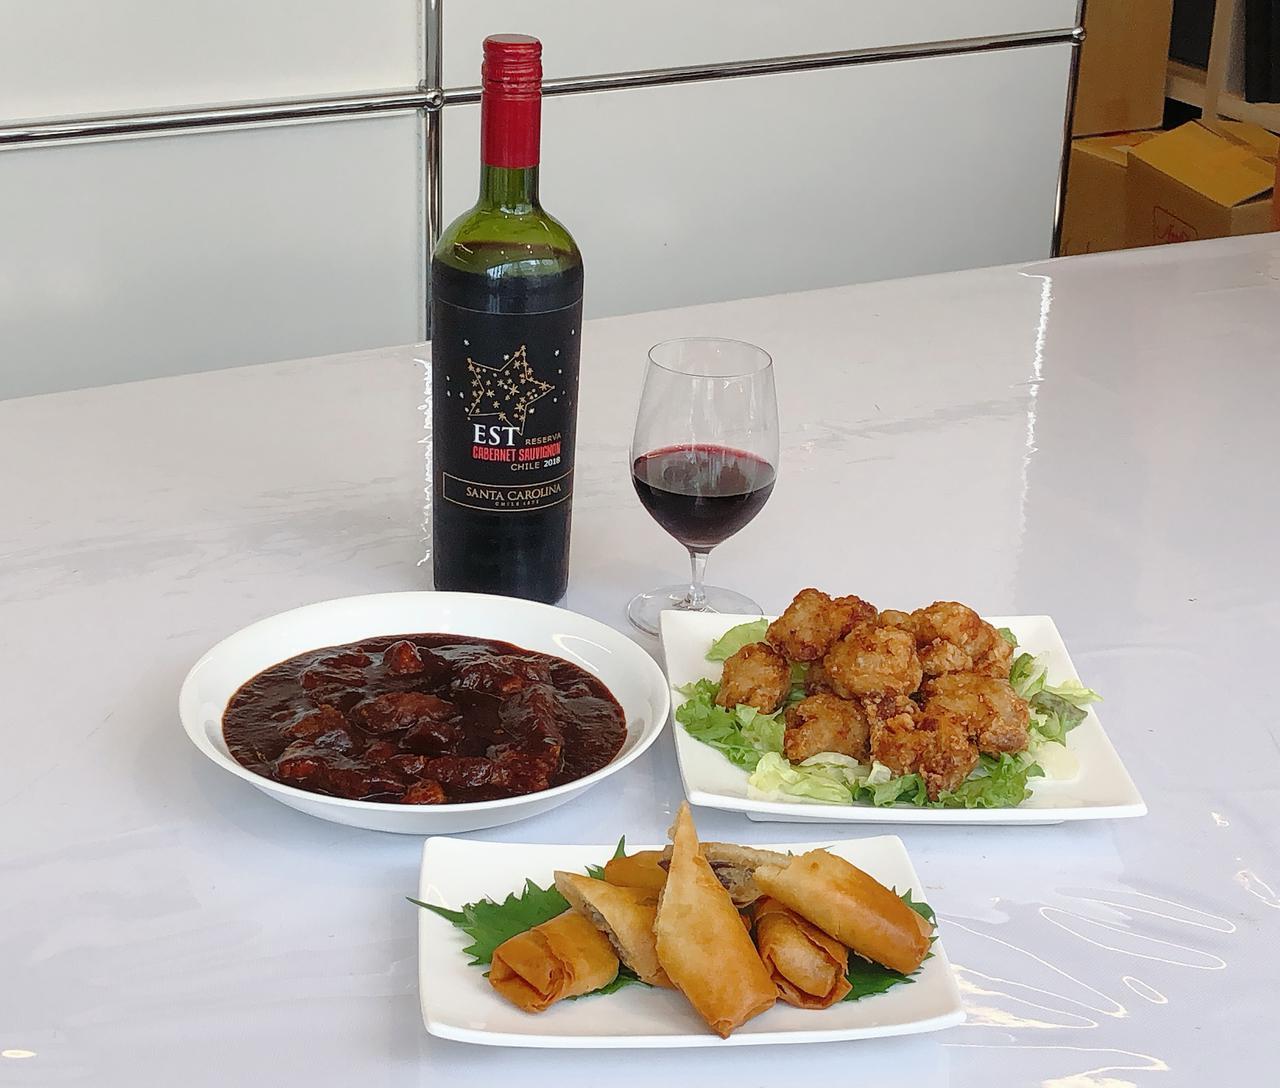 画像: エスト レセルヴァ カベルネ・ソーヴィニヨンに合わせた料理